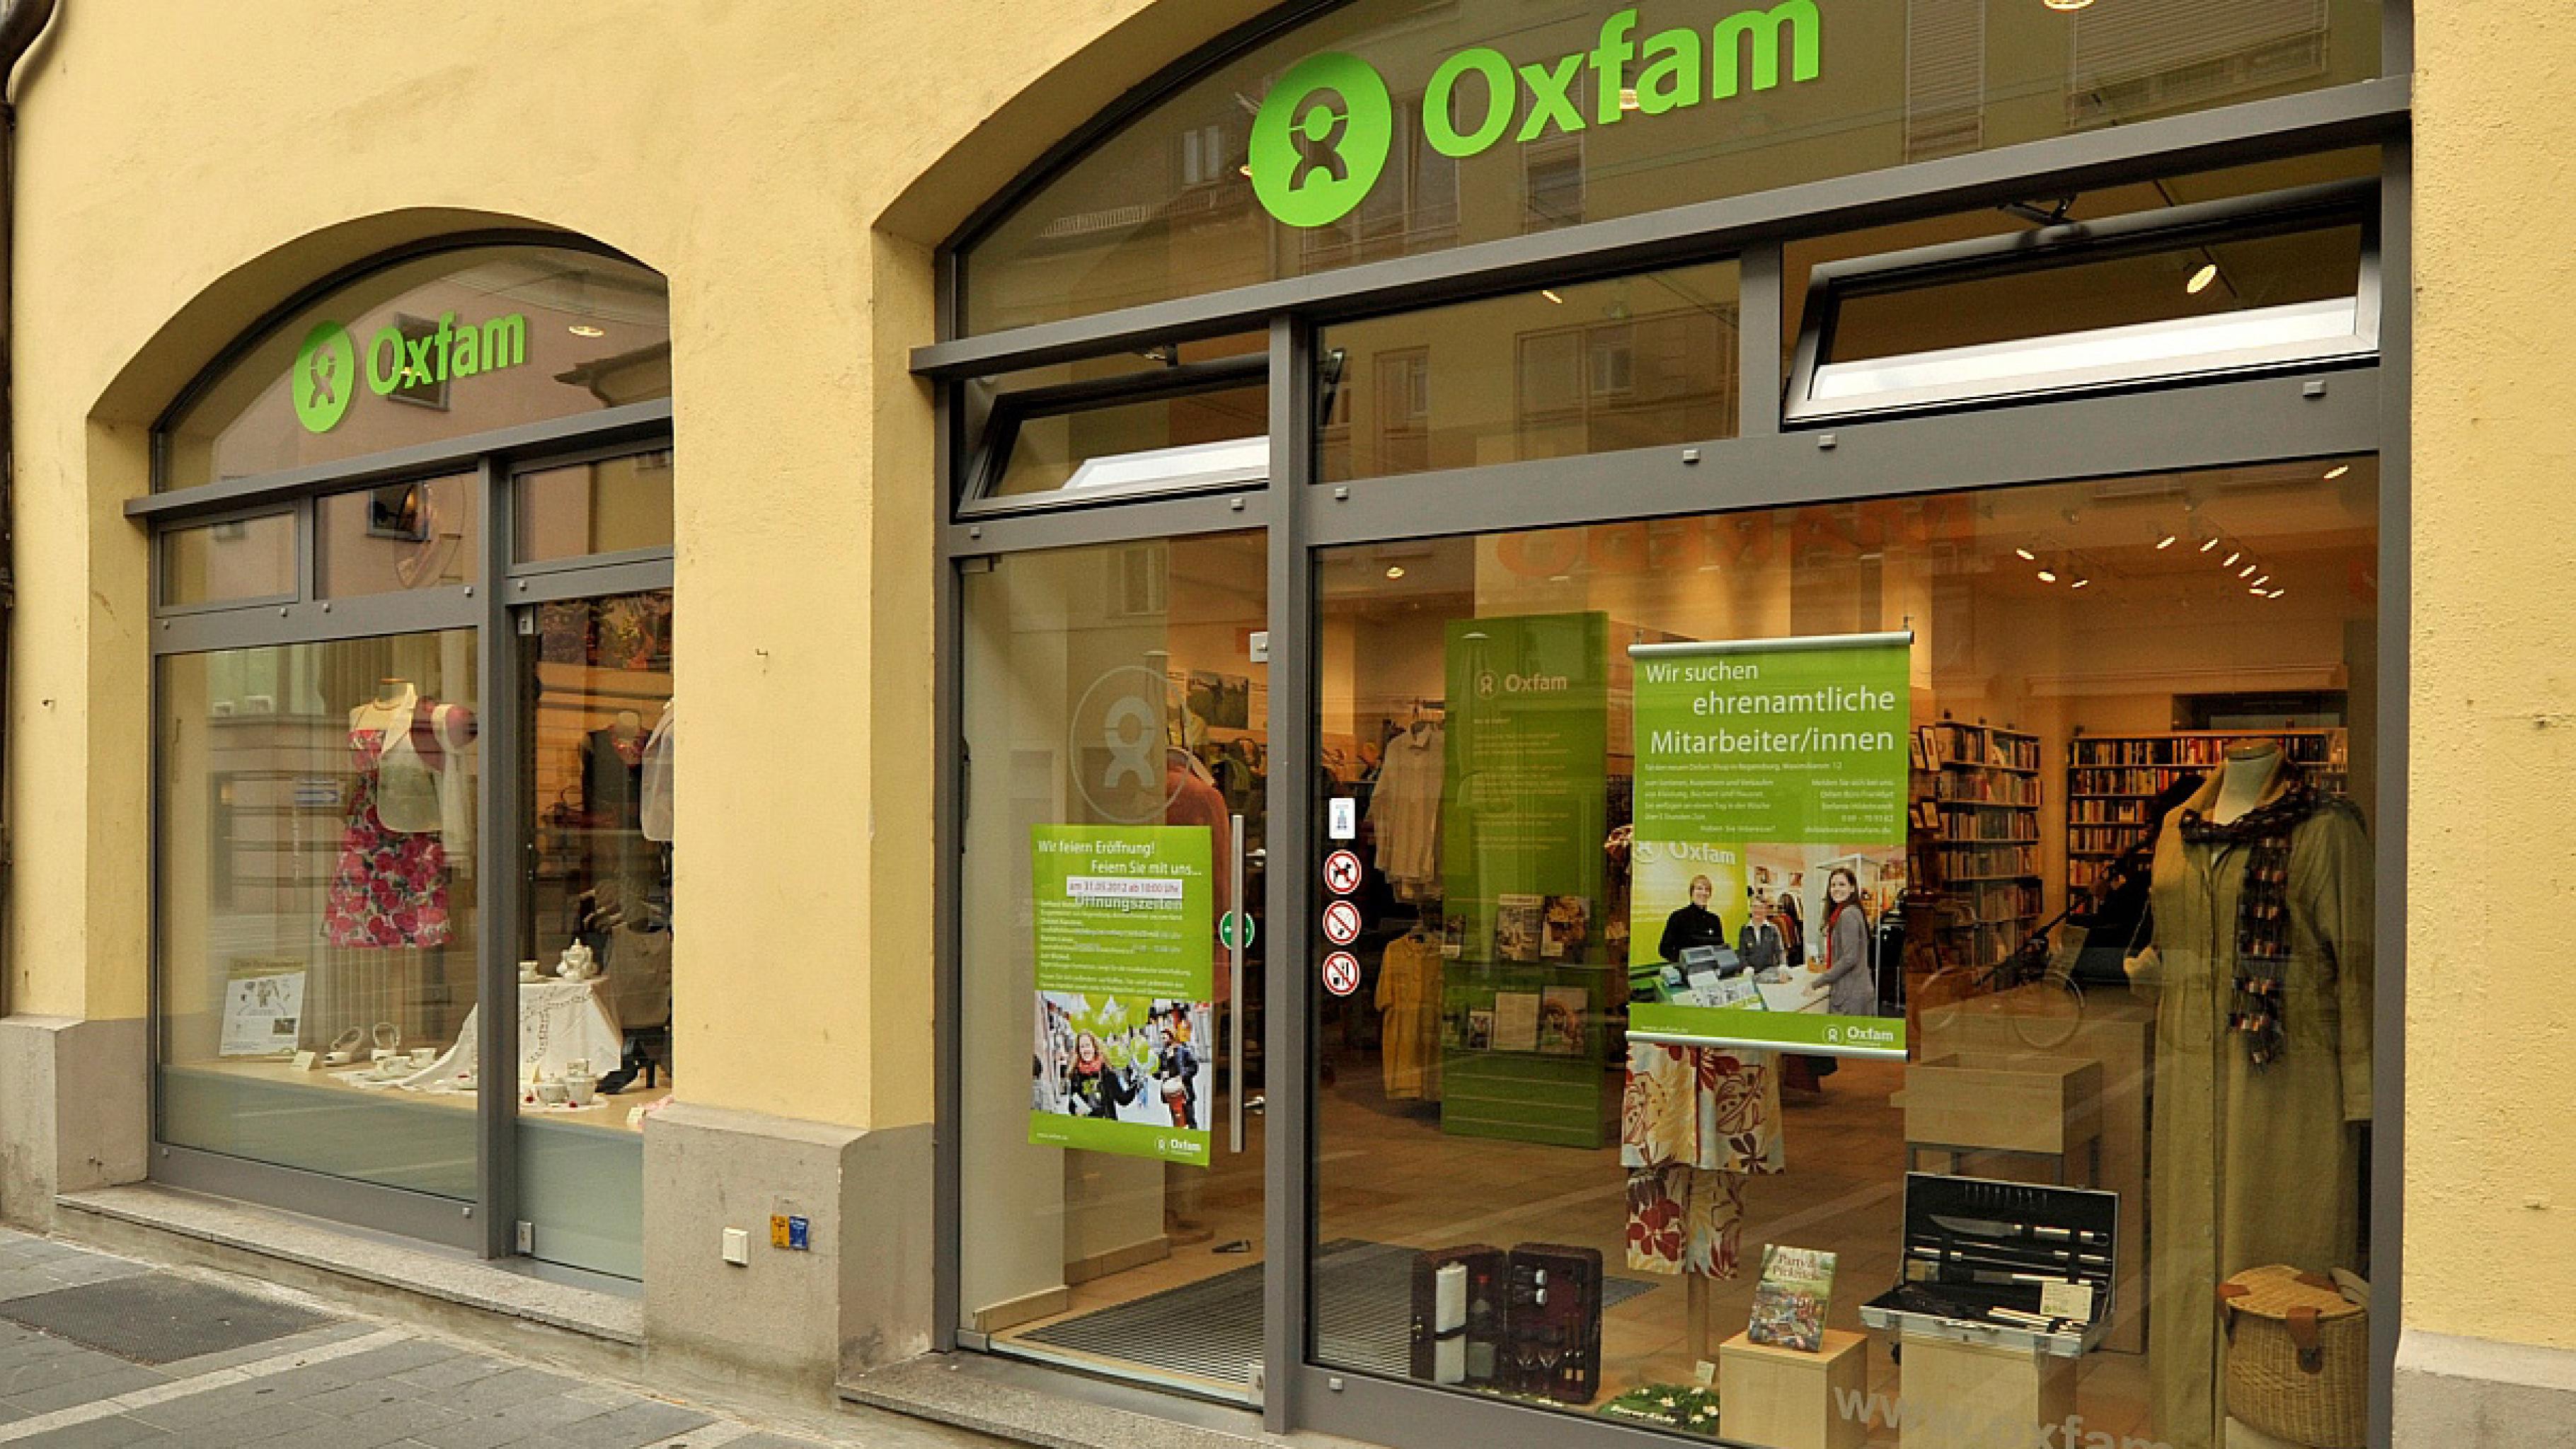 Oxfam Shop Regensburg - Außenansicht